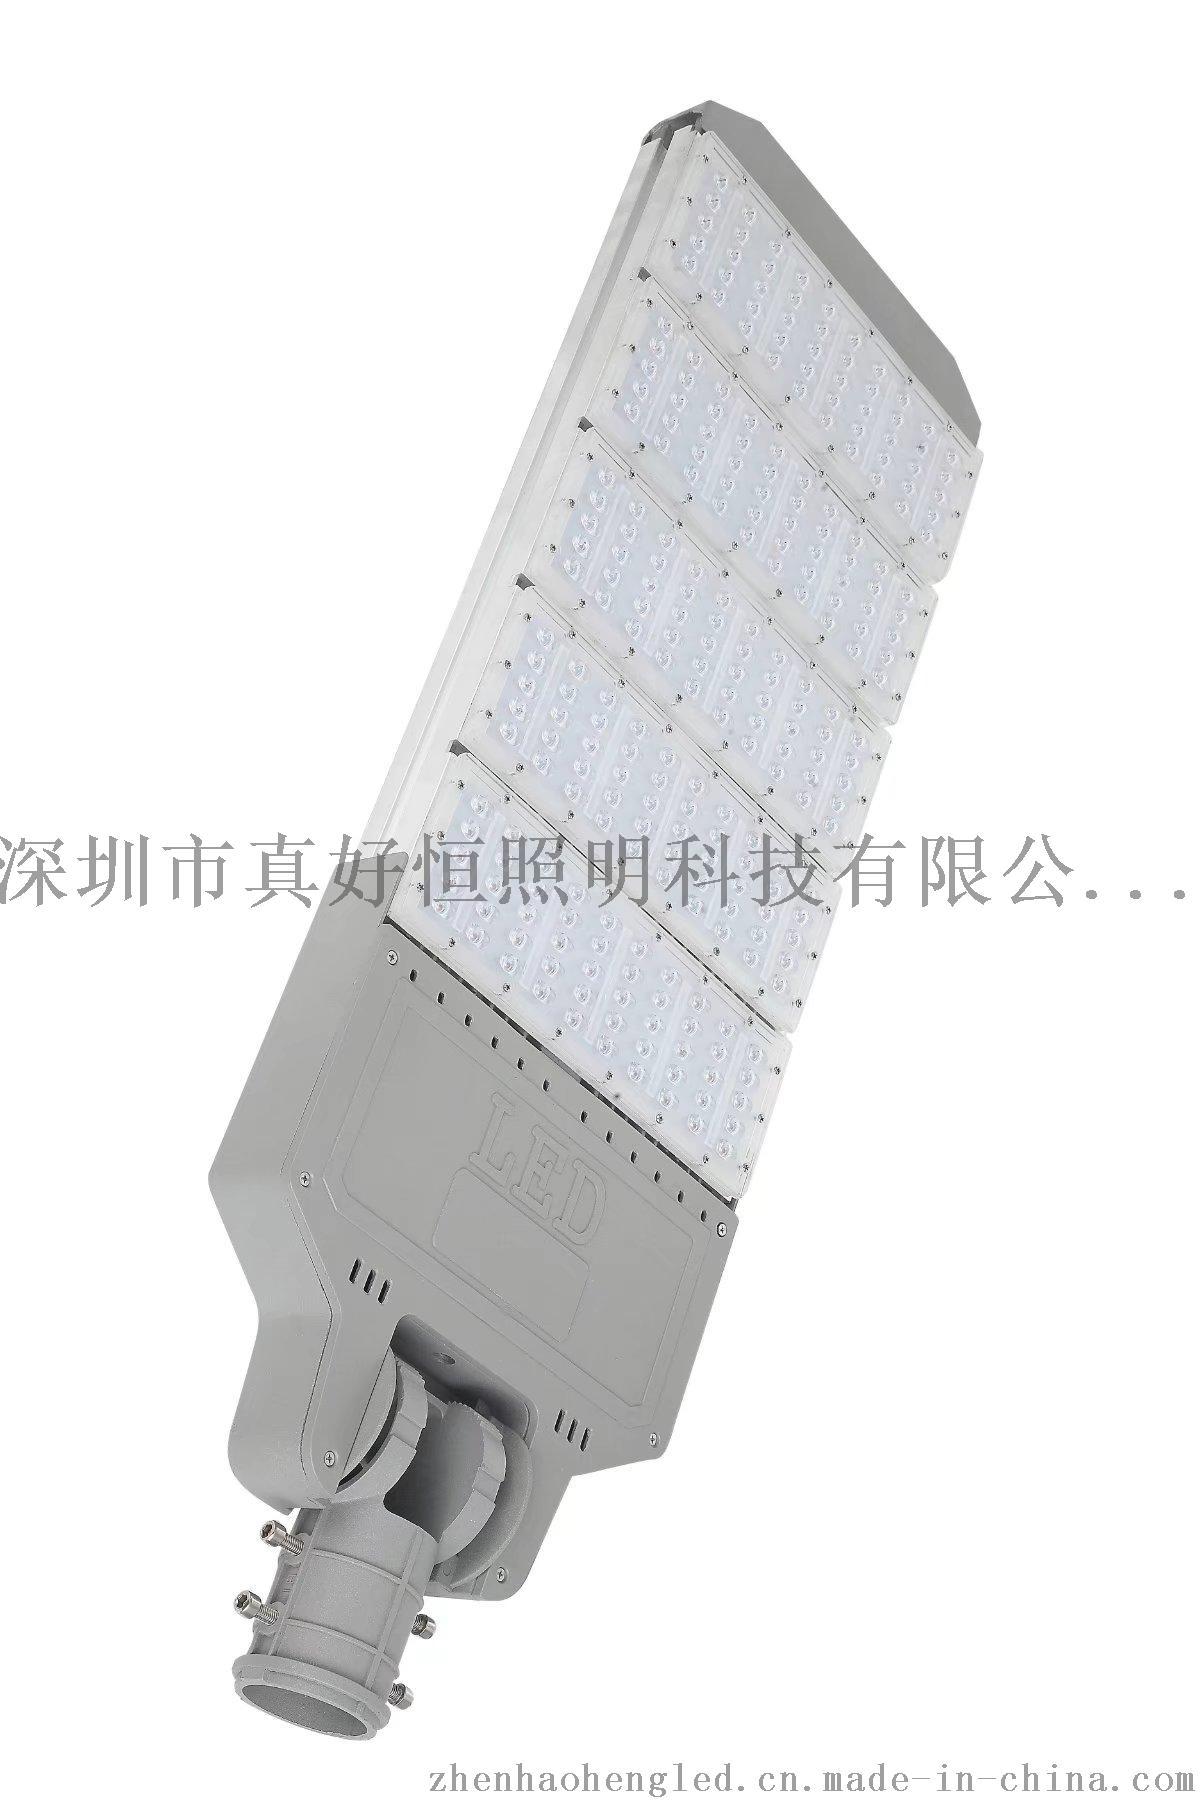 好恒照明专业生产LED100瓦模组路灯 隧道灯 投光灯 庭院灯挑臂路灯变形金刚模组758481015